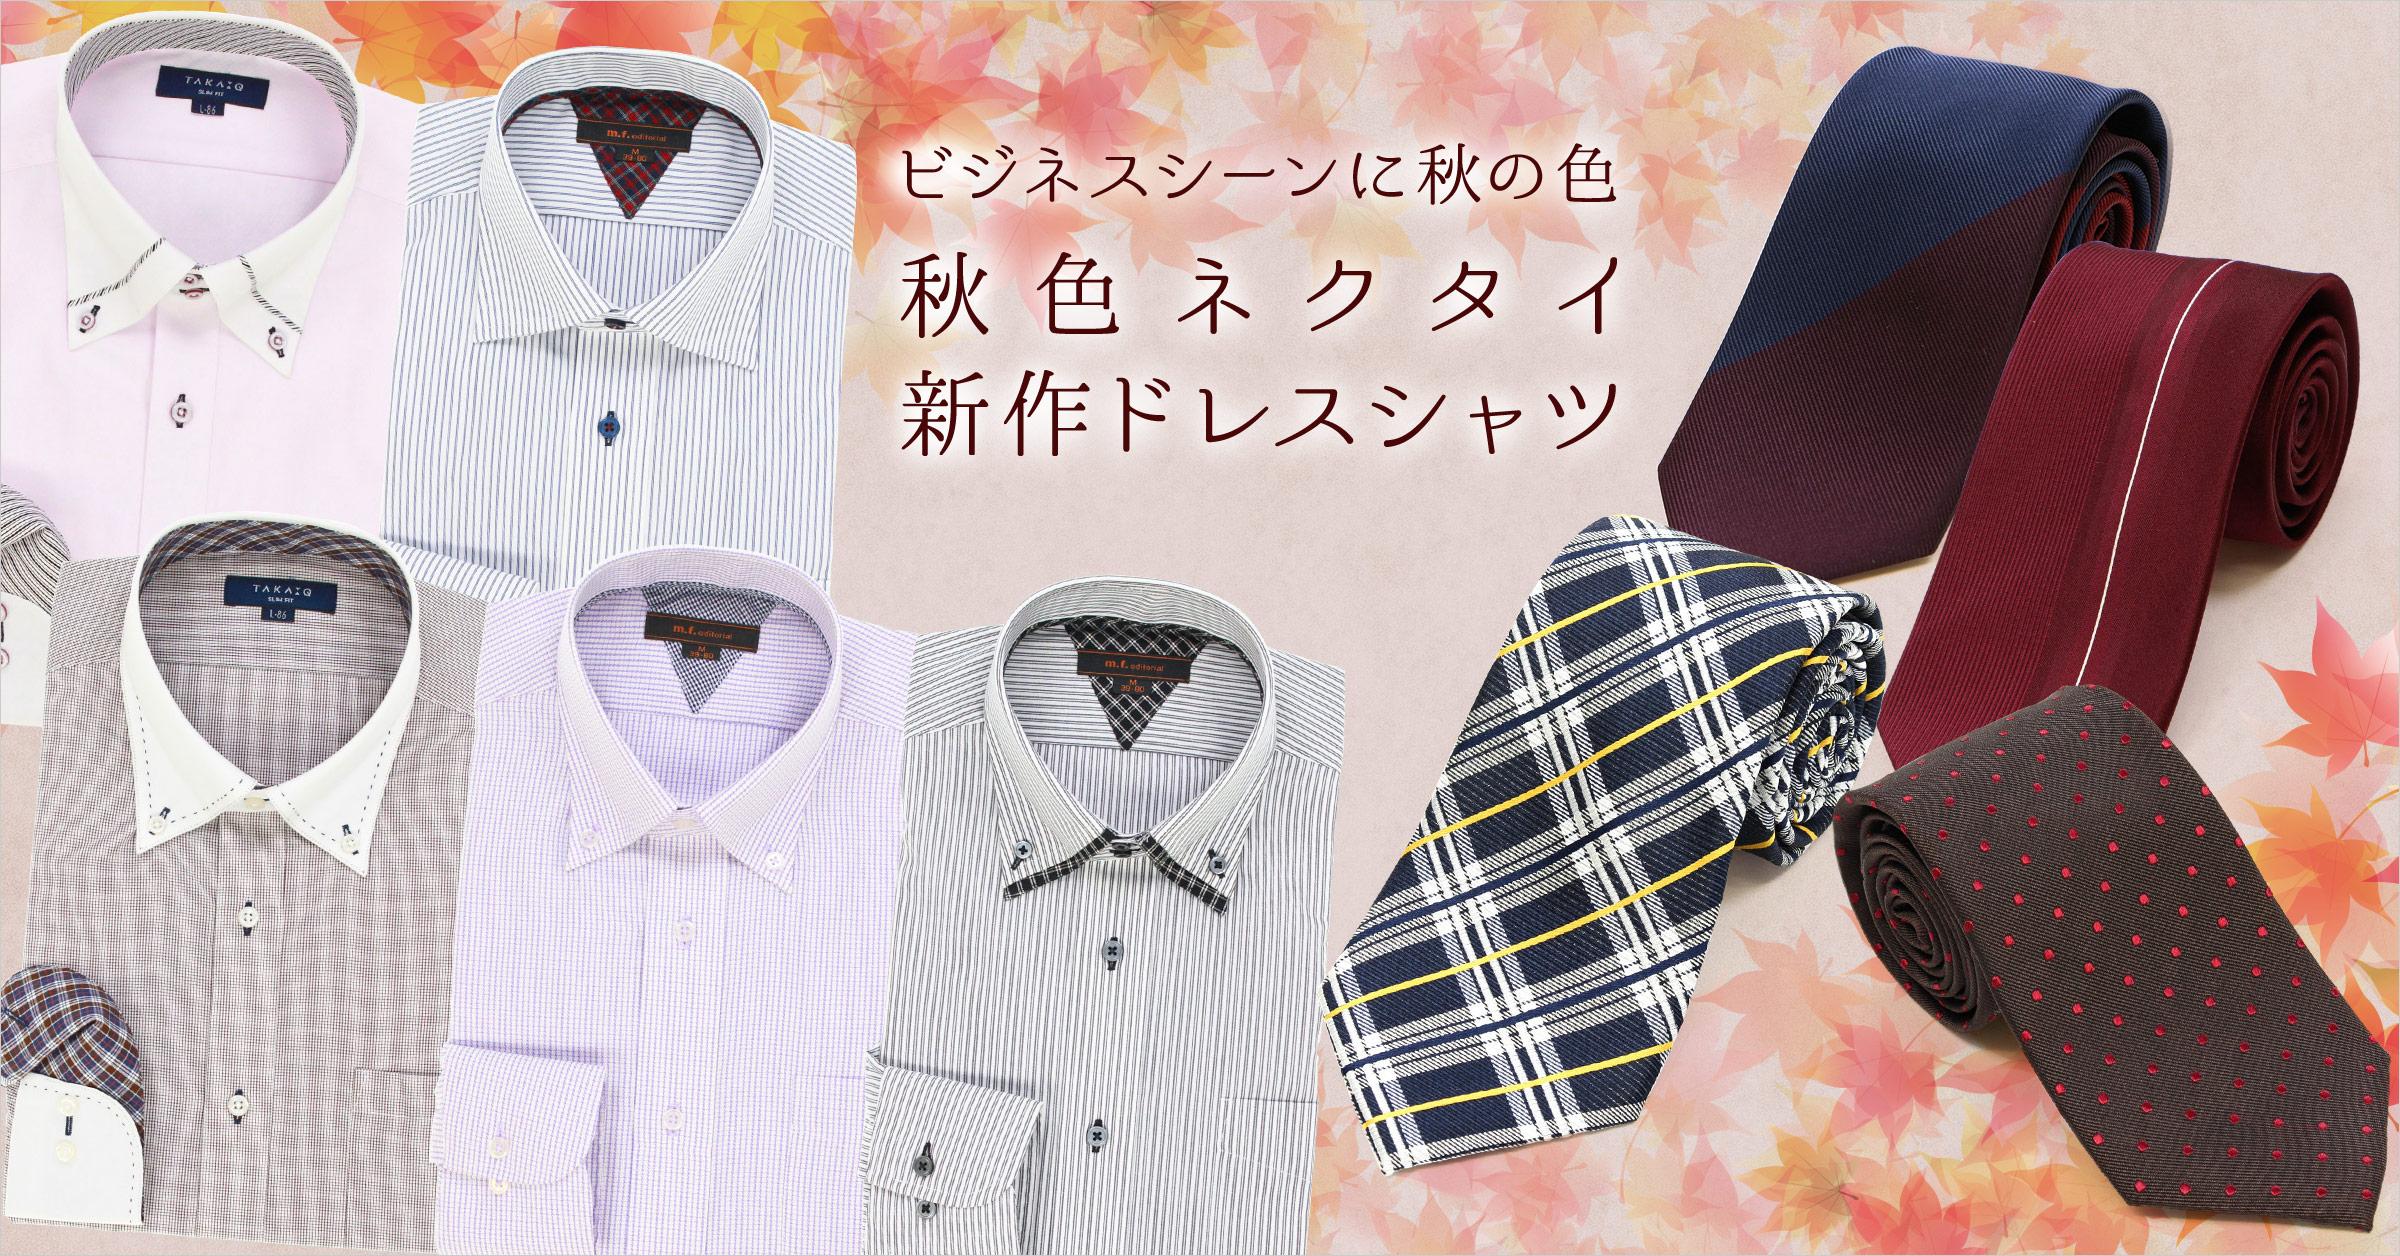 ビジネスシーンに秋の色 秋色ネクタイ&新作ドレスシャツ